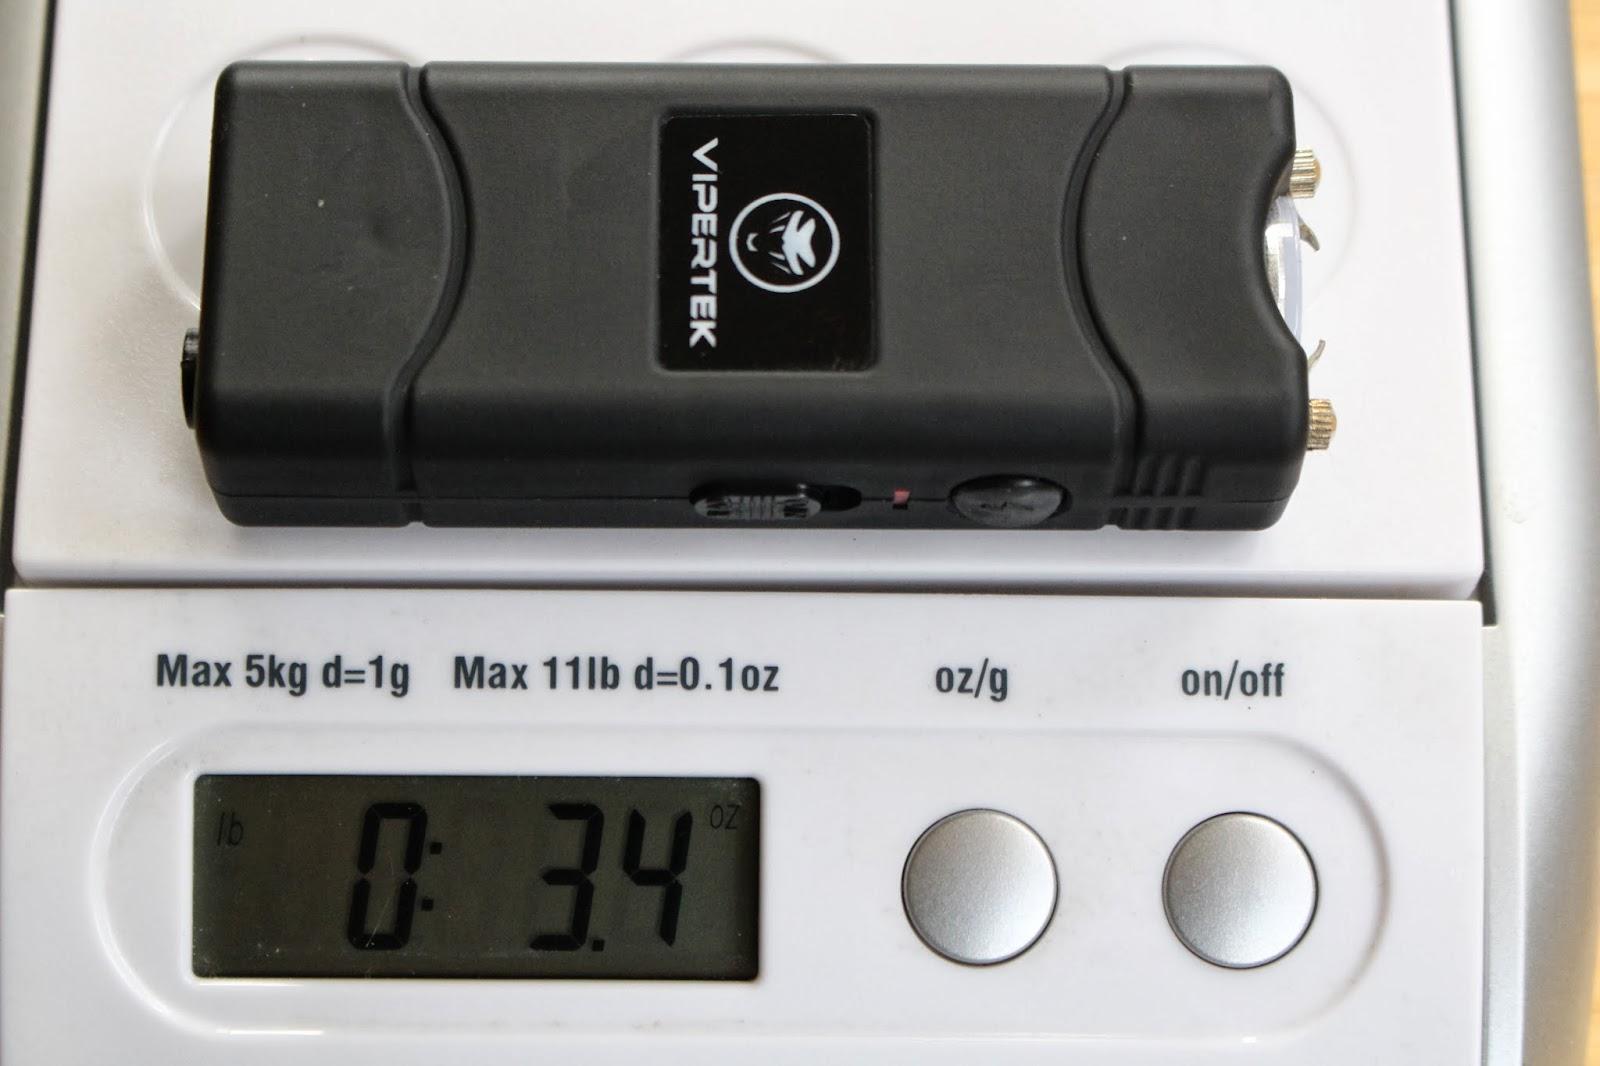 Vipertek VTS-881 On Scale